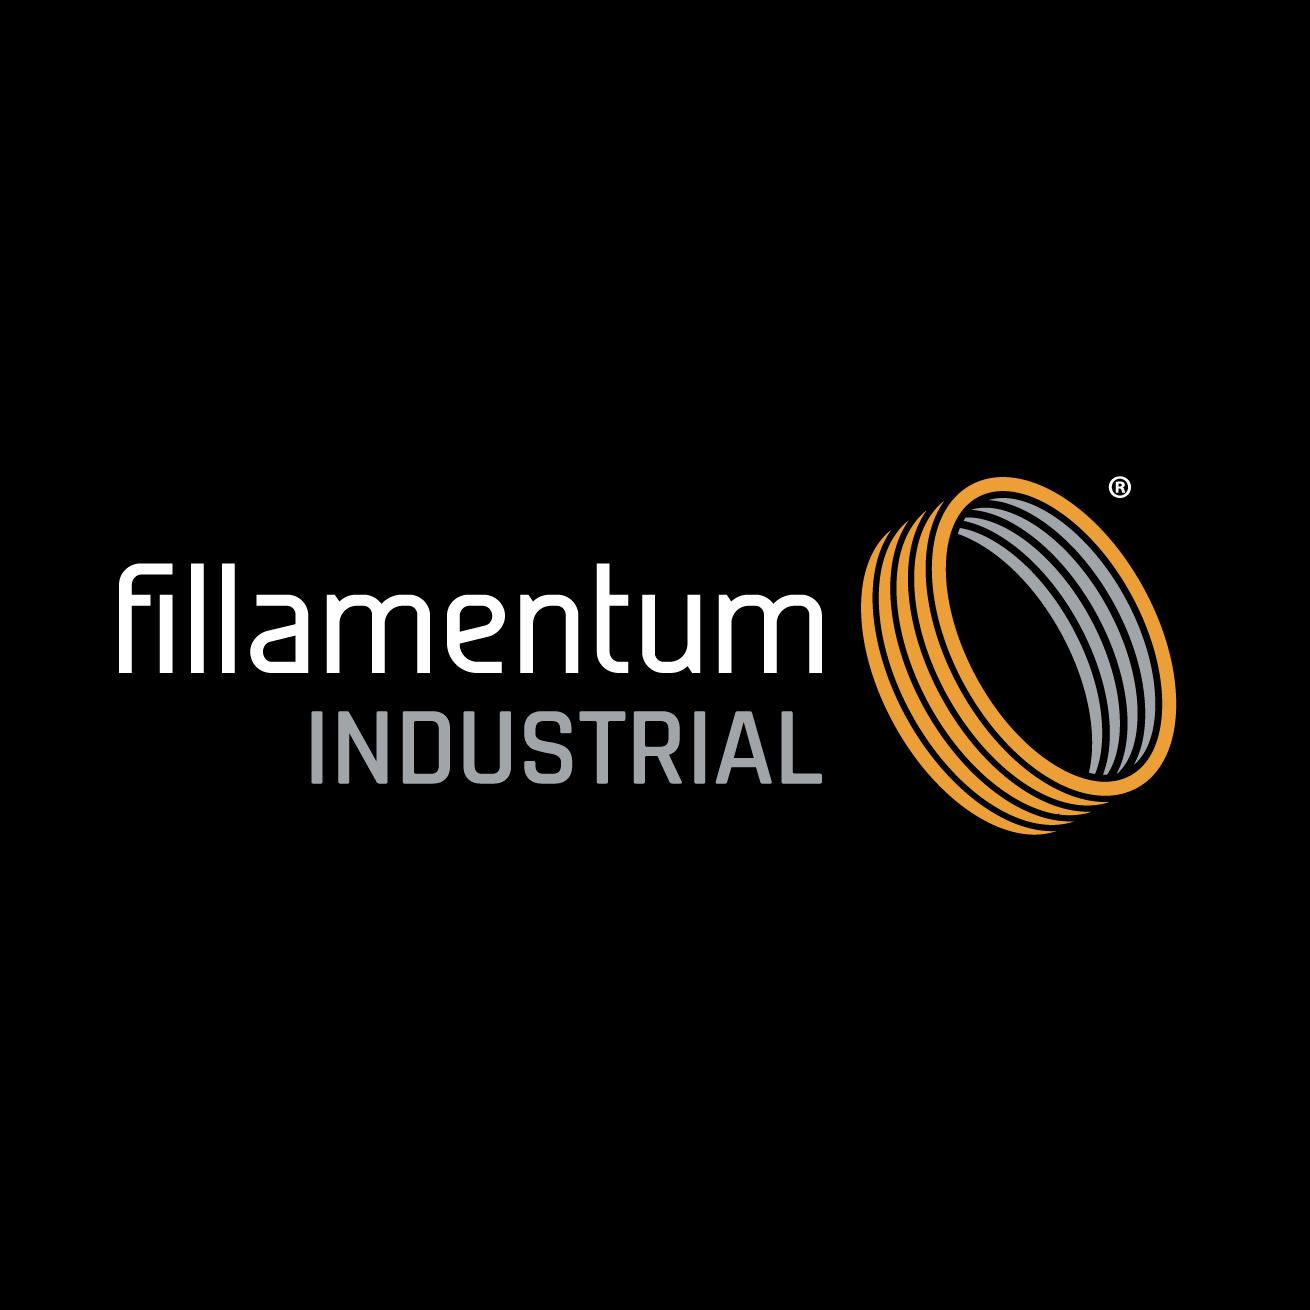 Fillamentum Industrial